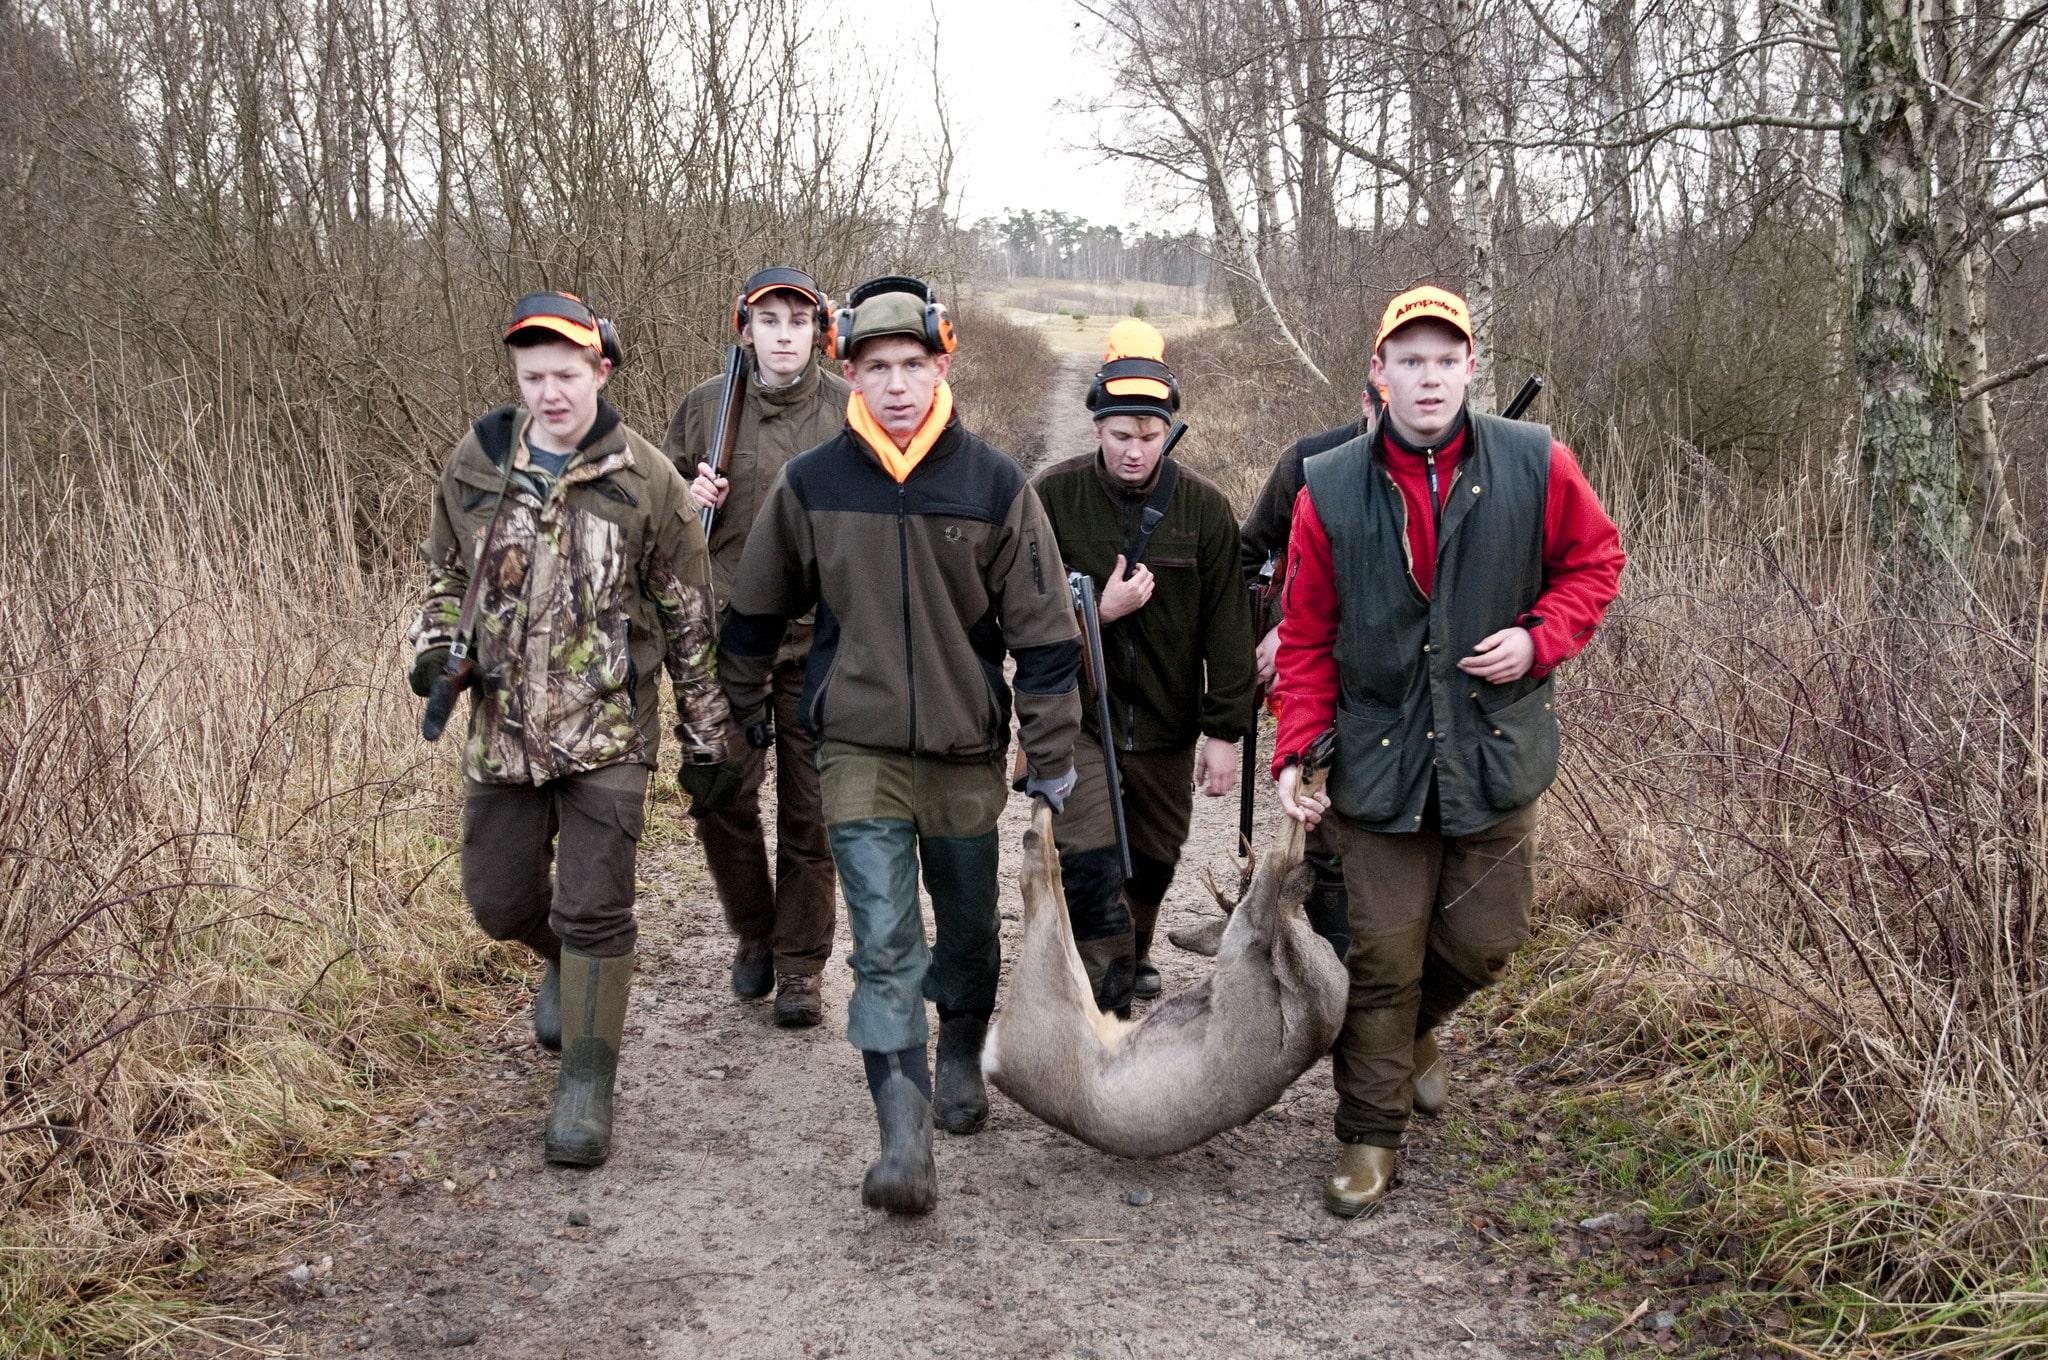 Bilden är från en jakt med ungdomar på ett naturbruksgymnasium. Så får det inte se ut i framtiden, enligt Skolverket som anser att risken för skolskjutningar i Sverige minskar om jaktutbildningarna tas bort på gymnasienivå. Foto: Jan Henricson